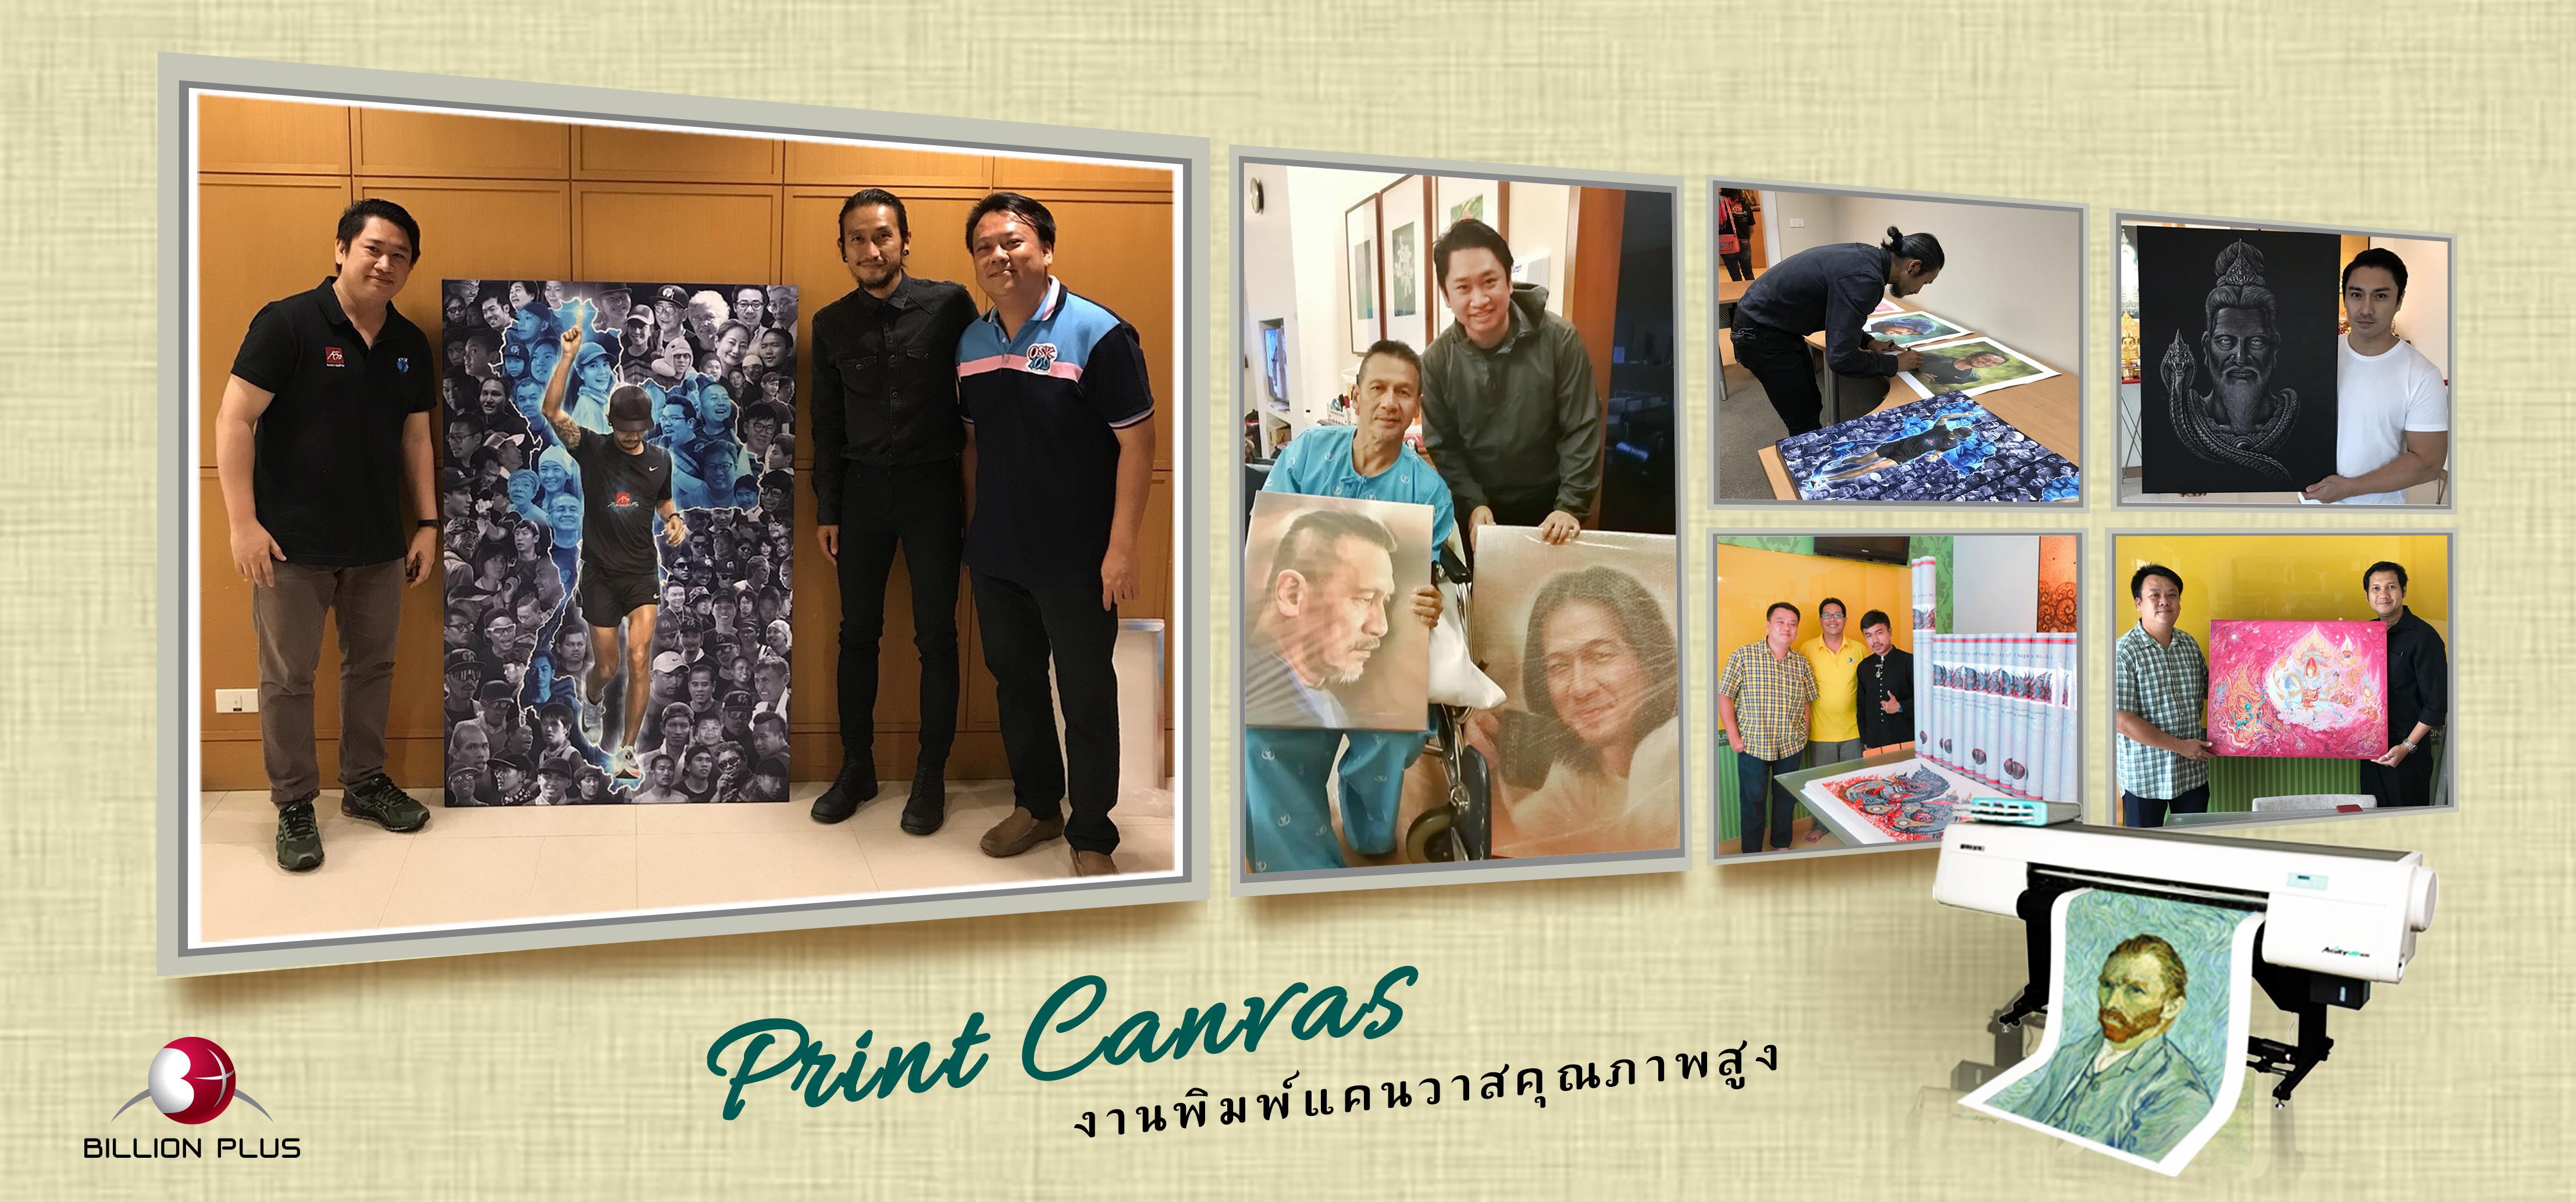 งานพิมพ์แคนวาส, Printแคนวาส, พิมพ์แคนวาส, พิมพ์แคนวาสงานศิลปะ, พิมพ์งานศิลปะ สำเนางานศิลปะ, Reproduction Fineart, Photo Canvas